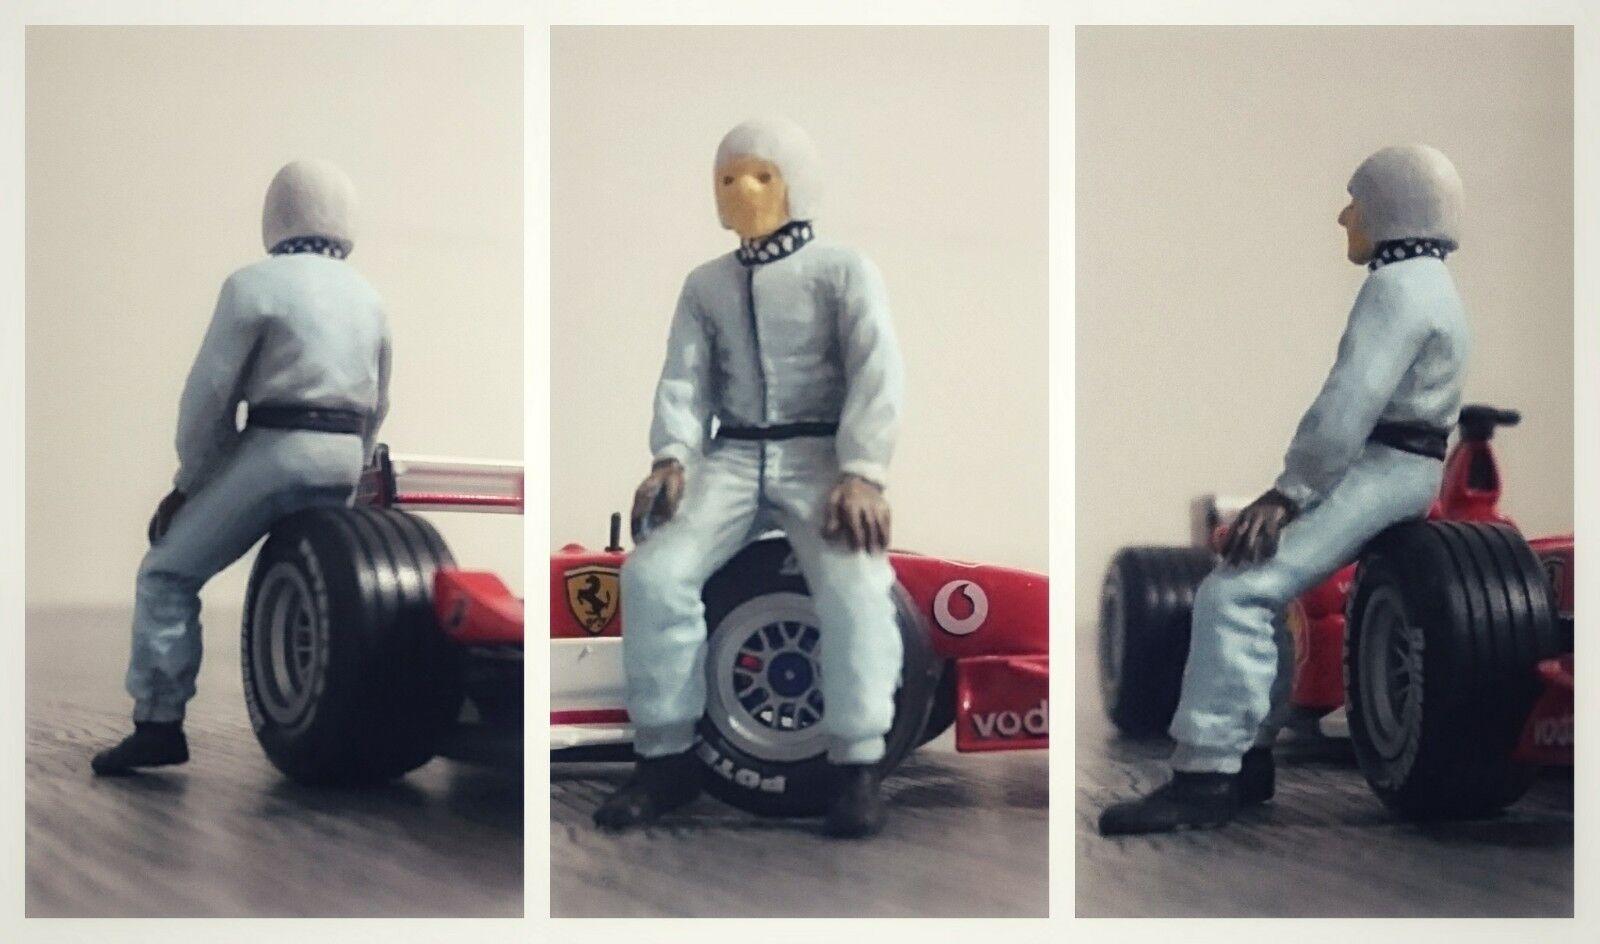 Rudolf autoACCIOLA figurine pilote diorama 1 43 F1 driver cifra cifra cifra d44717